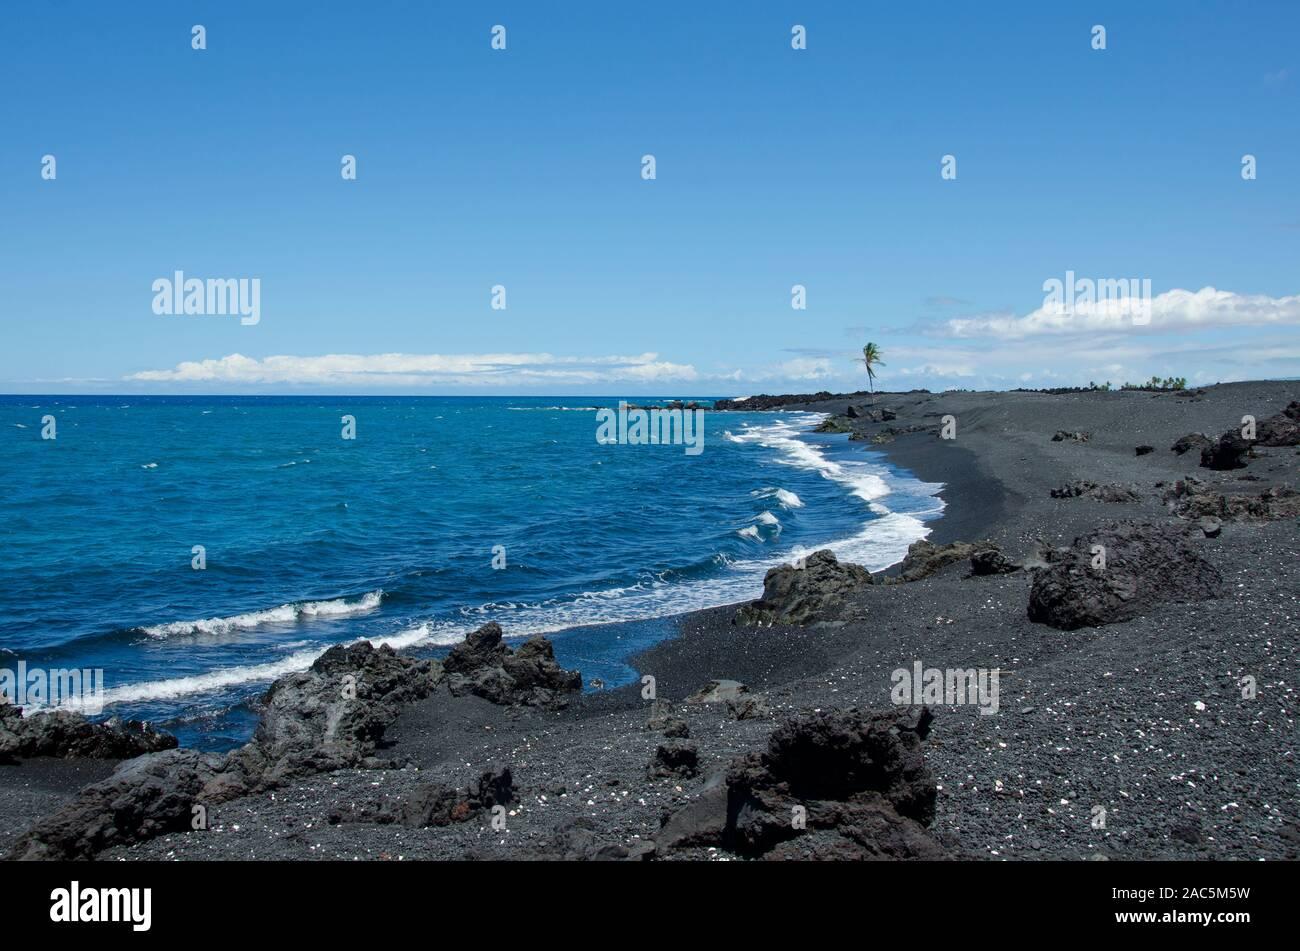 Una Palmera solitaria parece guardia Keawaiki principalmente bahía y su playa de arena negra de la isla de Hawai'i; una erupción de Mauna Loa 1859 desbordado en th Foto de stock